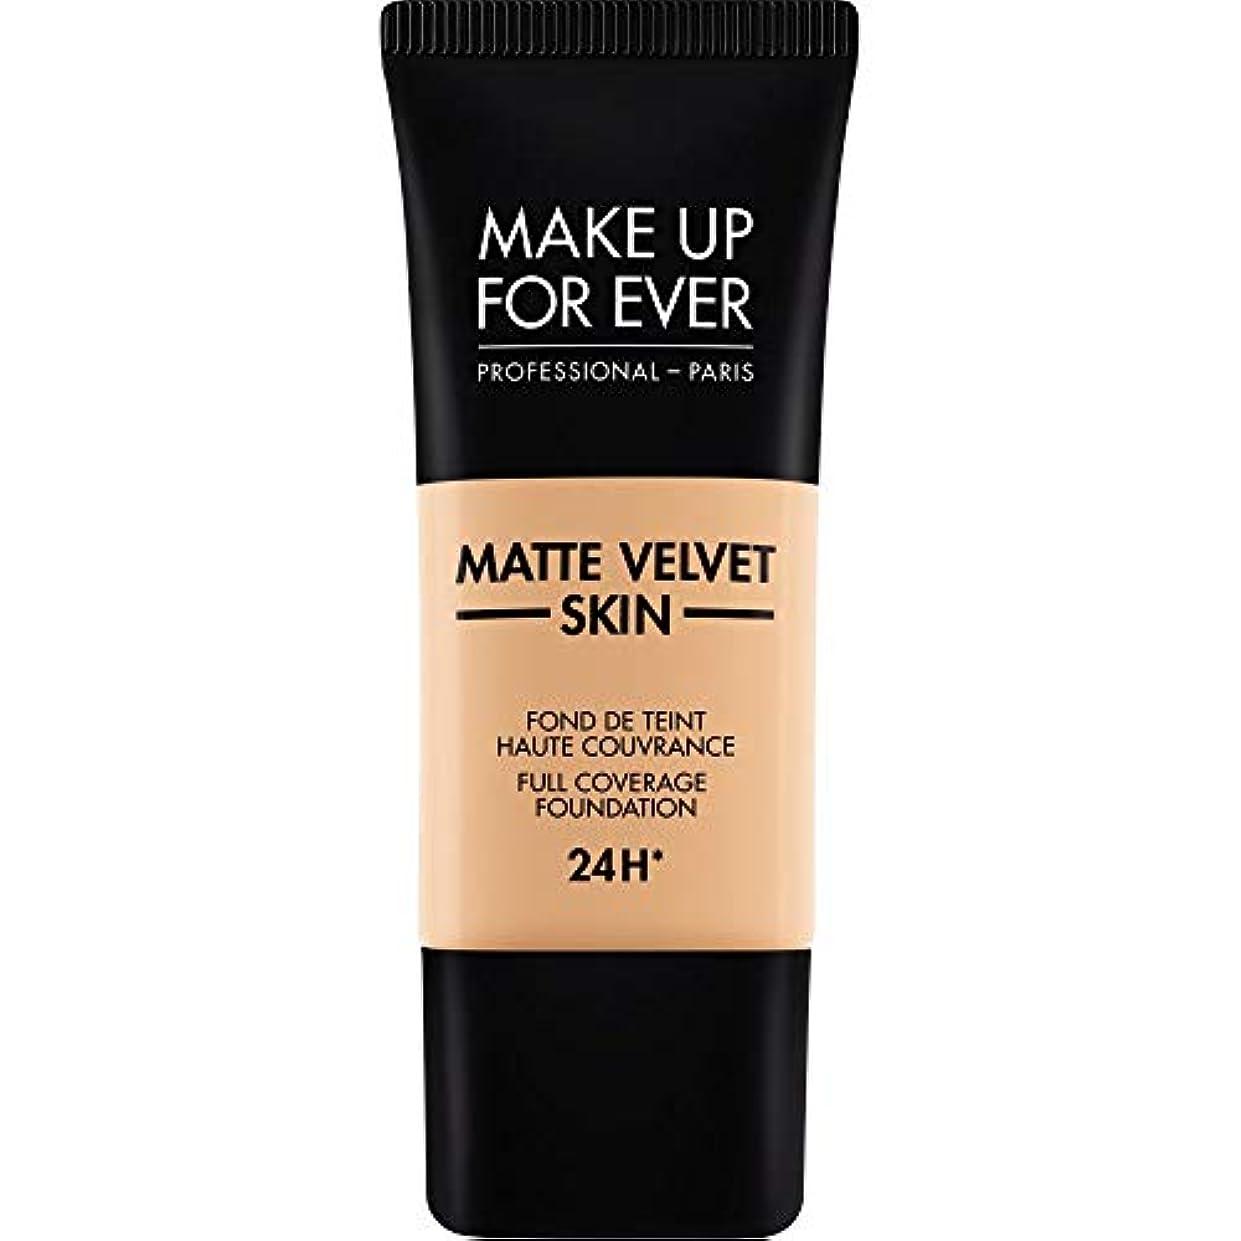 ずらす徐々に検証[MAKE UP FOR EVER] ソフトベージュ - これまでマットベルベットの皮膚のフルカバレッジ基礎30ミリリットルのY305を補います - MAKE UP FOR EVER Matte Velvet Skin...